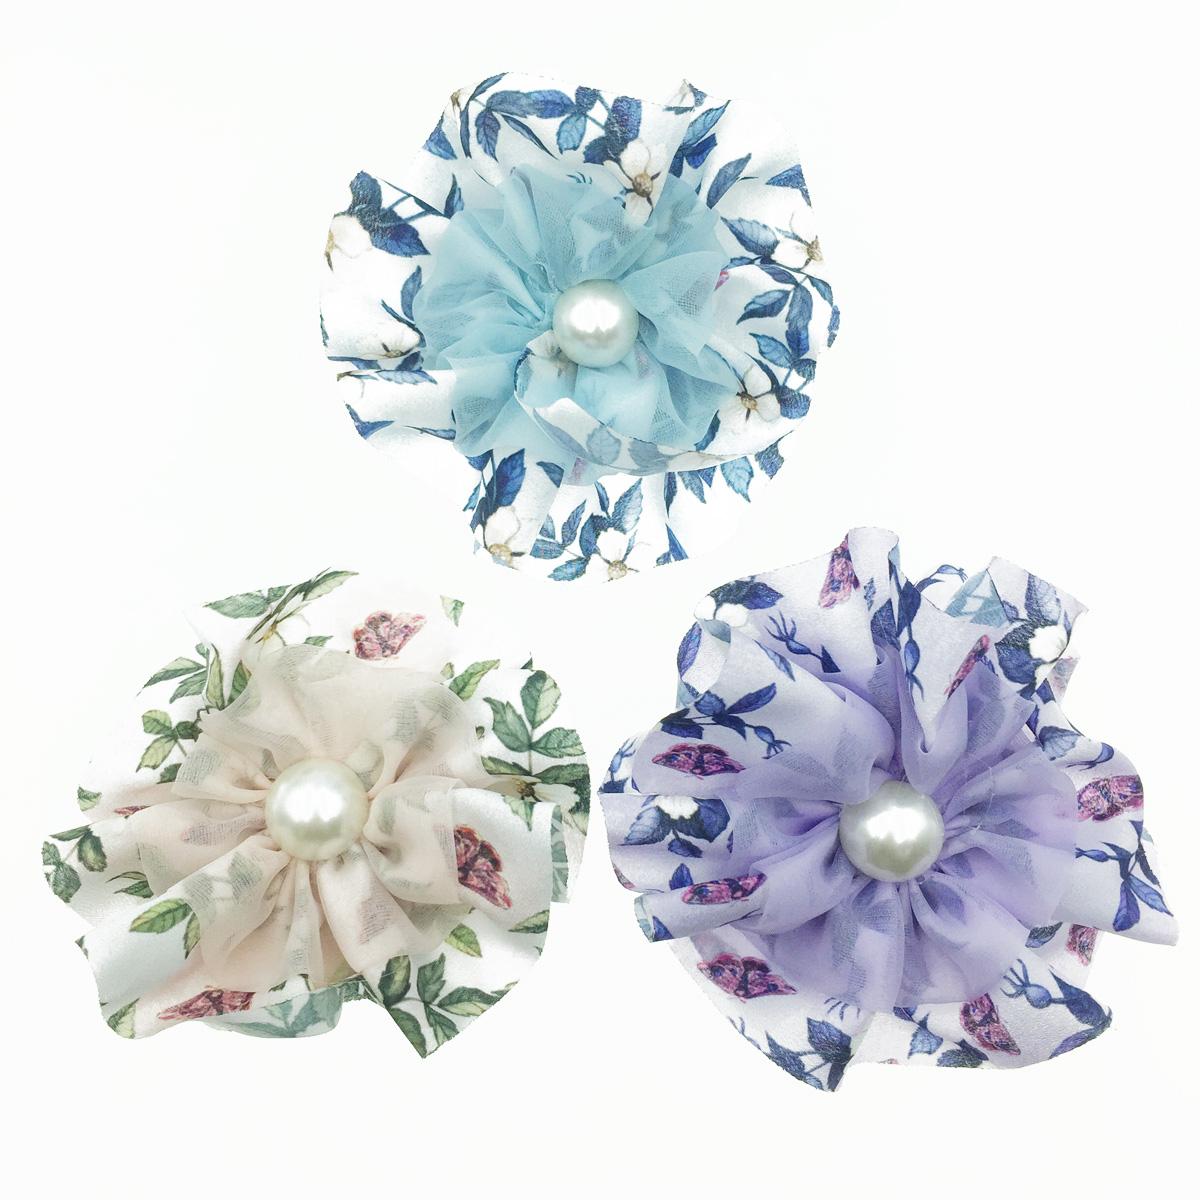 韓國 大花朵 花紋 珍珠 絲質 透光 氣質 燕尾夾